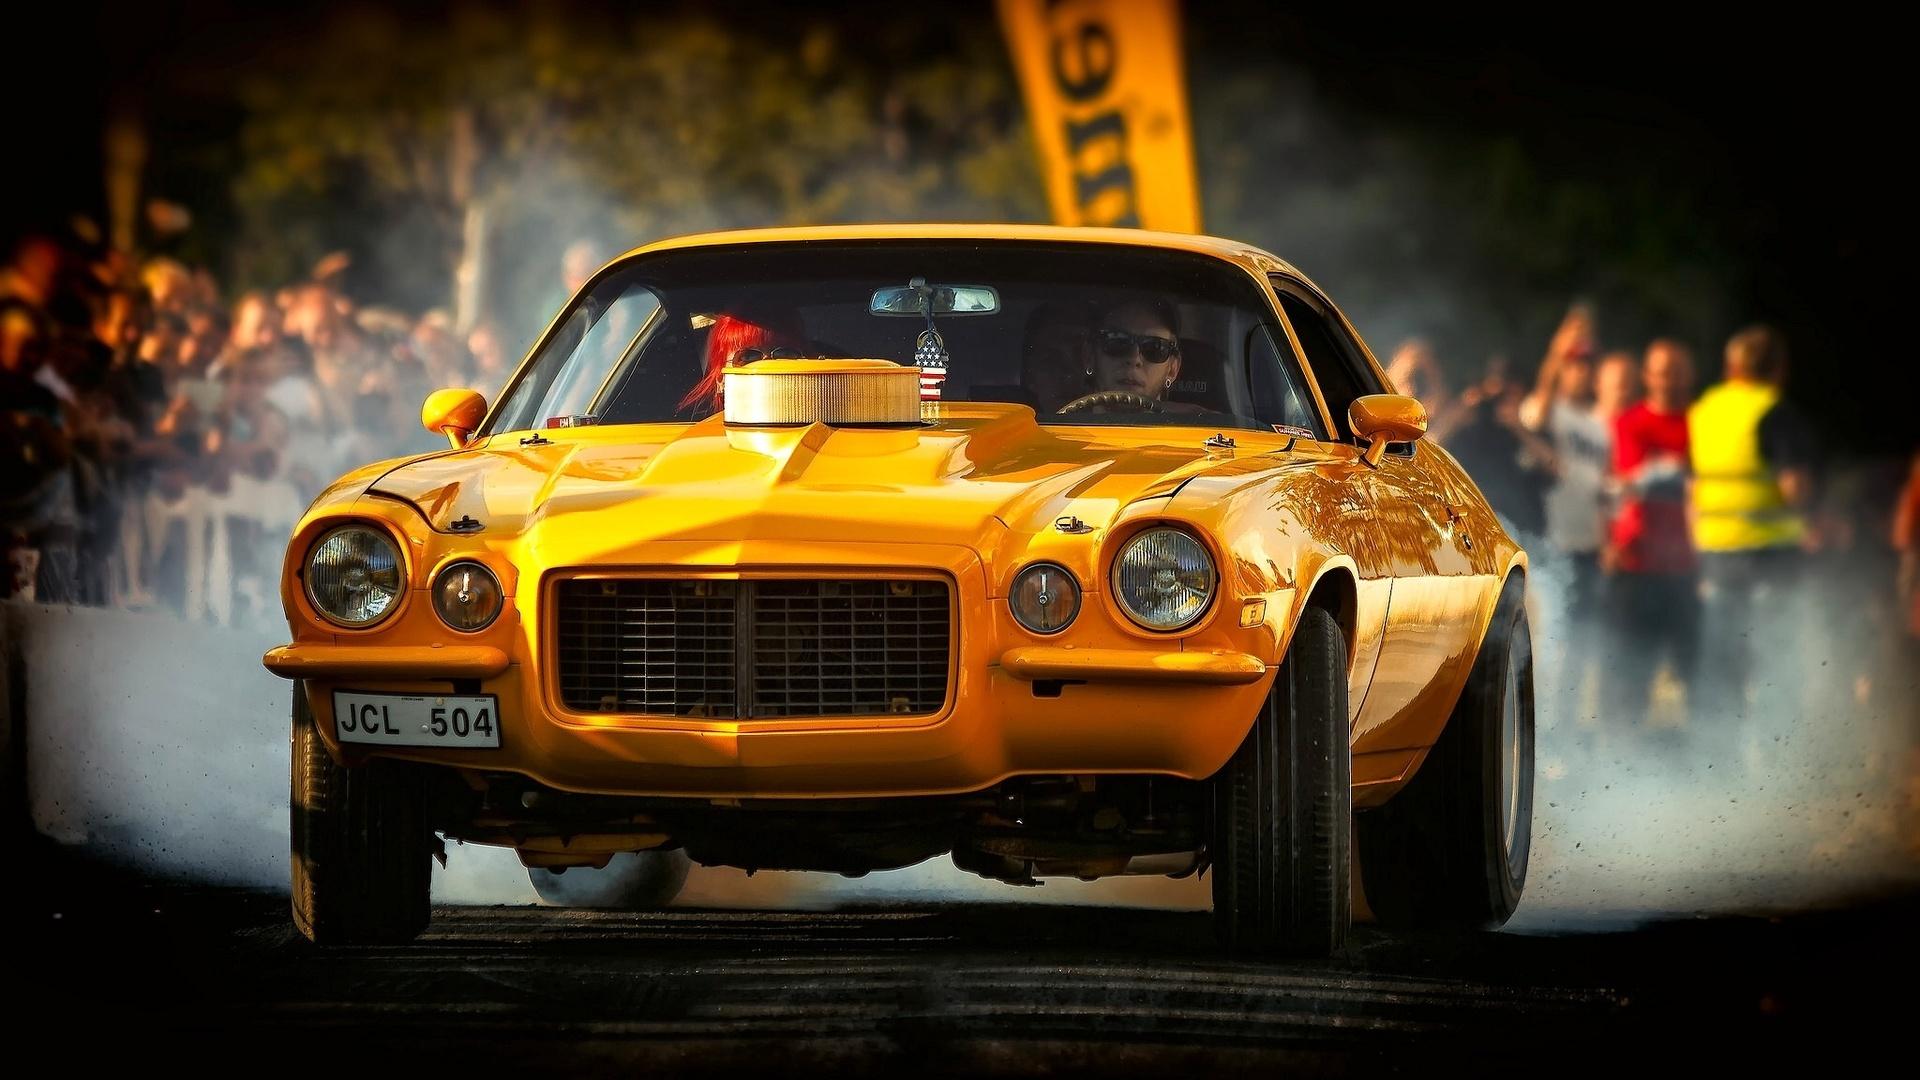 1972 chevrolet camaro, chevrolet camaro, chevrolet, camaro, yellow